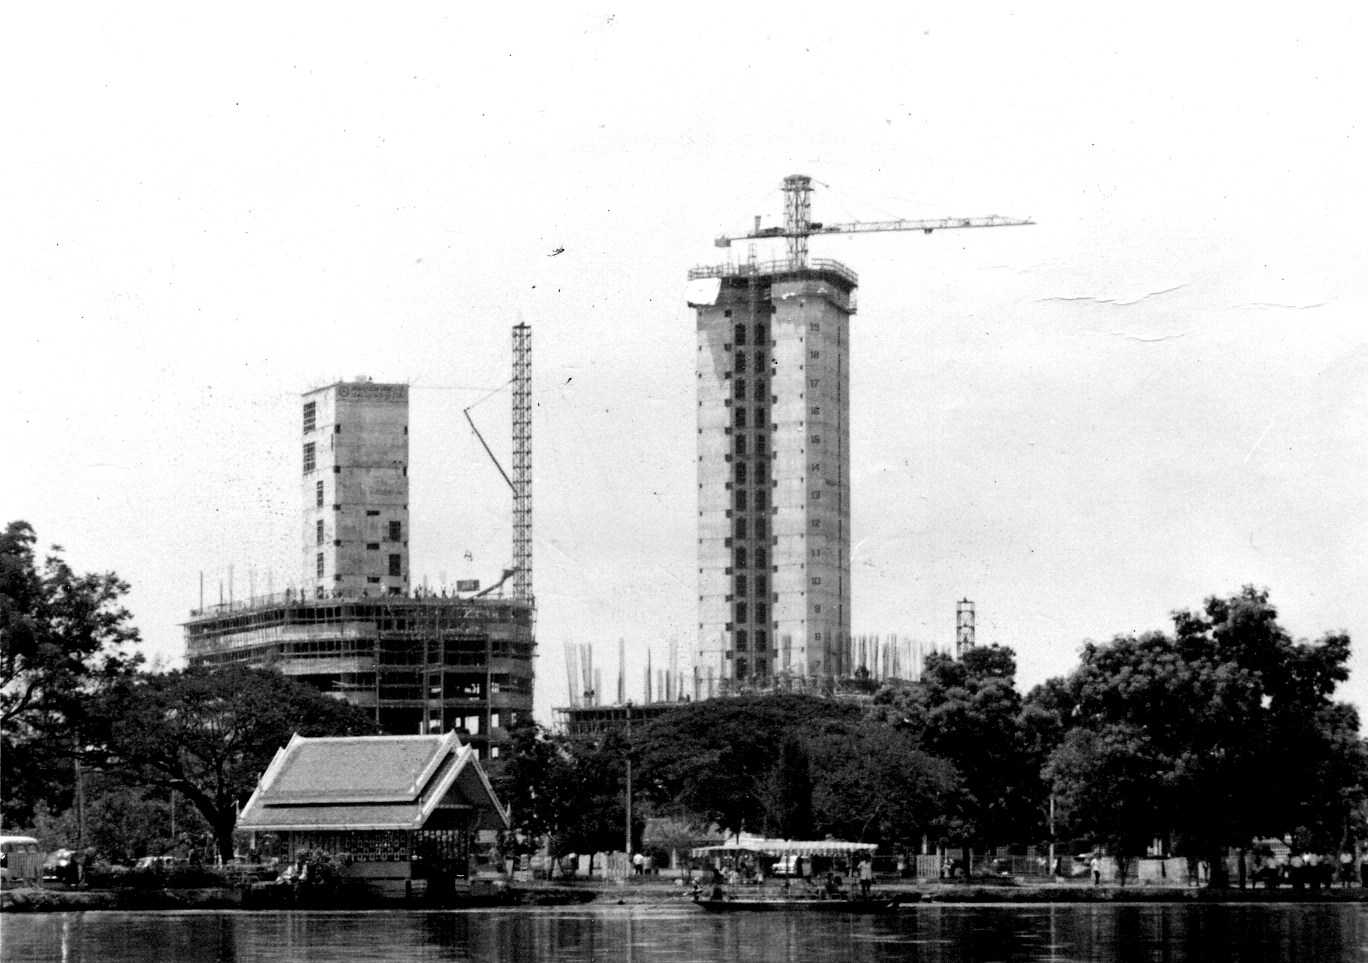 โรงแรมดุสิตธานี ก่อสร้าง พ.ศ.2510-2511